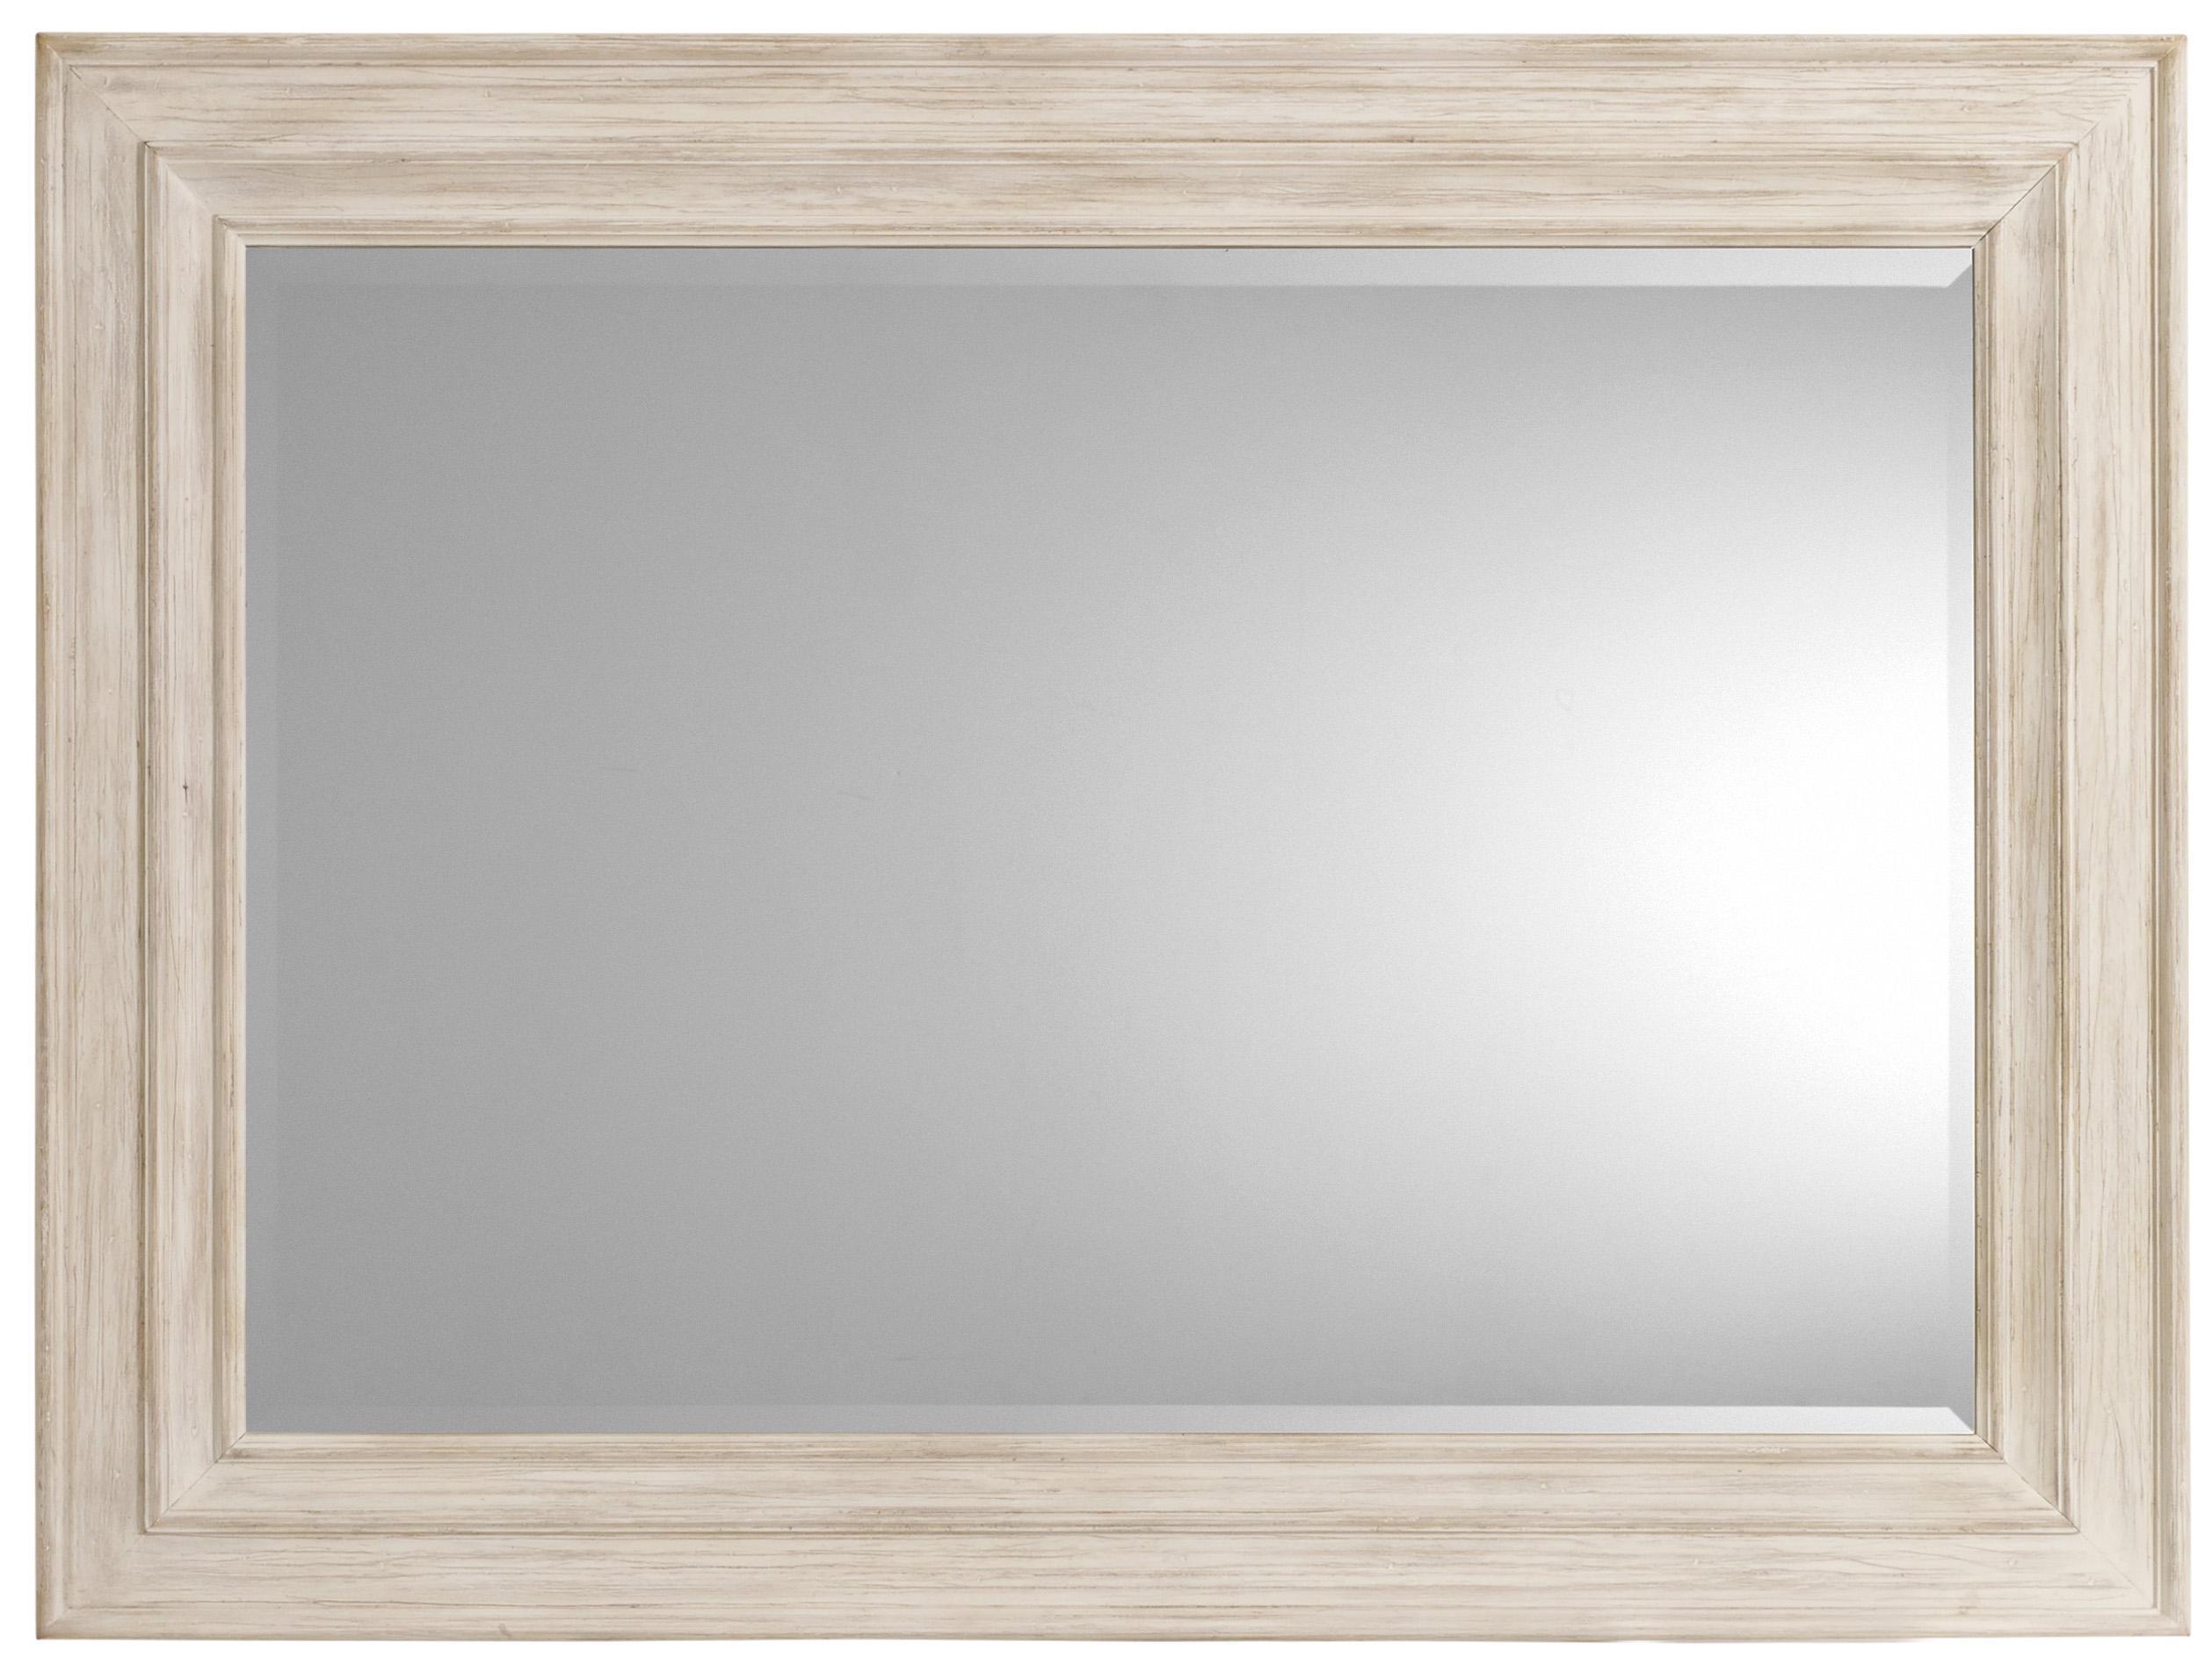 Hooker Furniture Sunset Point Dresser Mirror - Item Number: 5325-90008